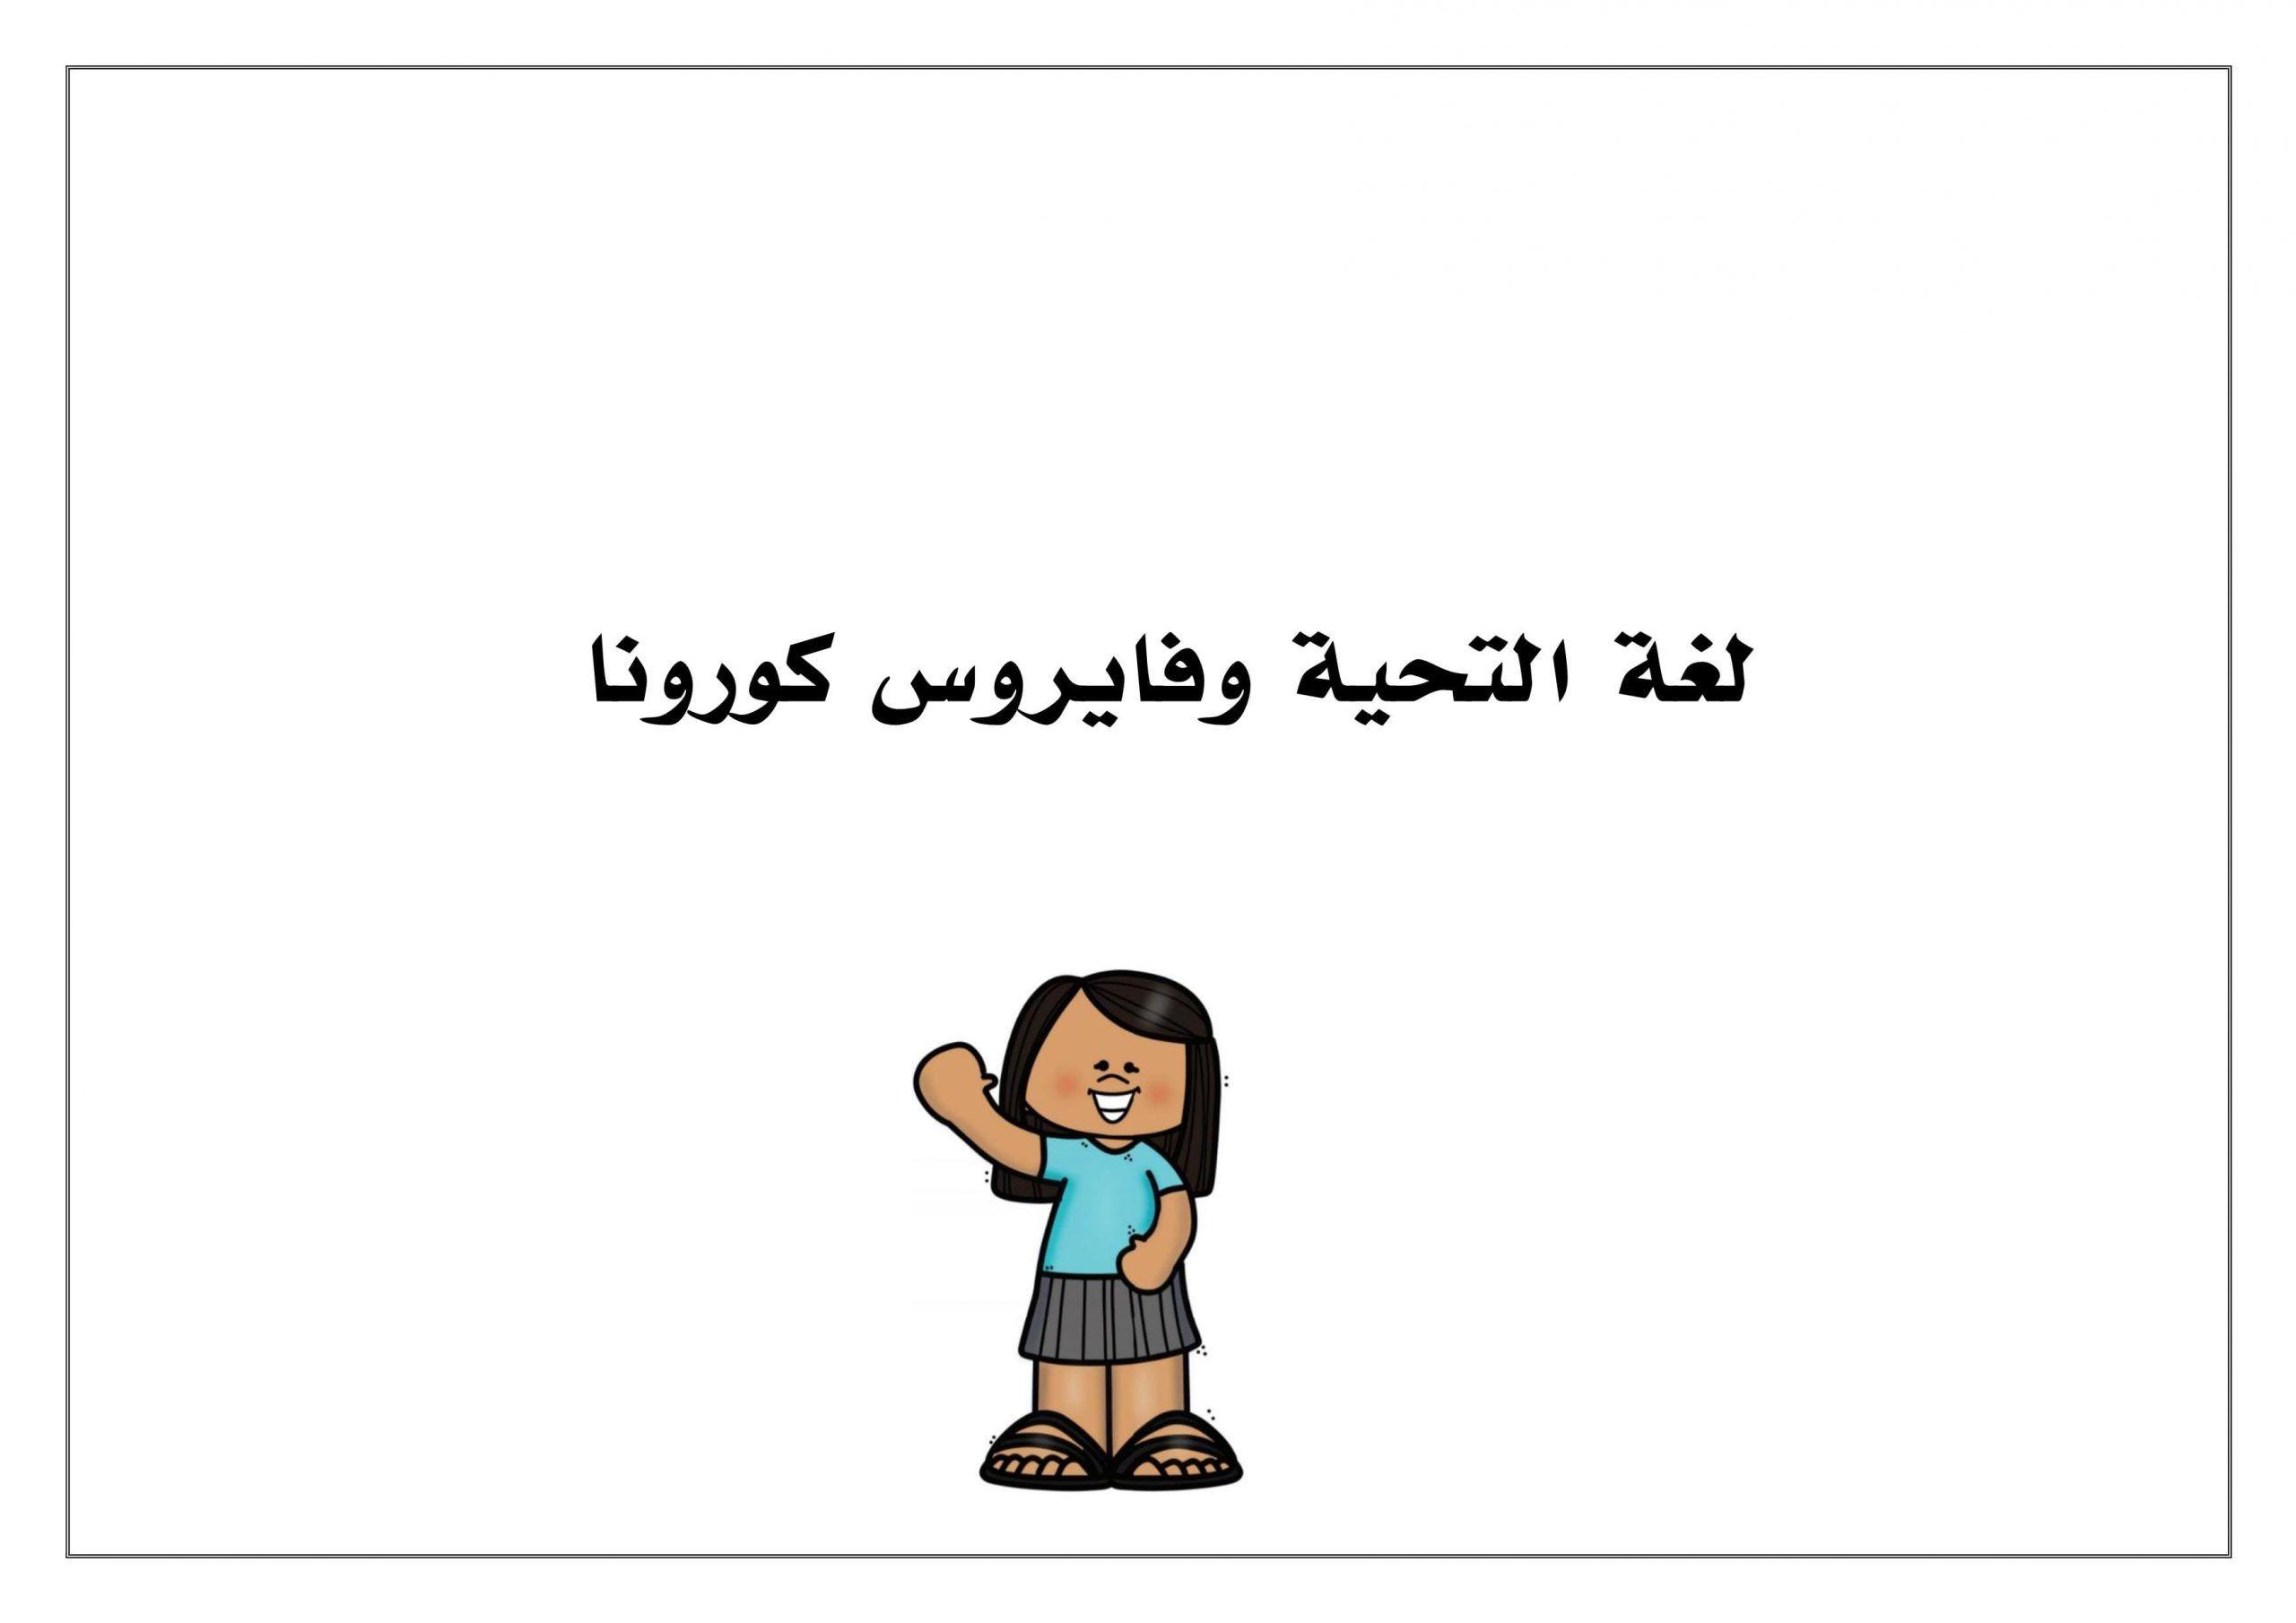 لغة التحية لتعليم الاطفال التحية خلال جائحة فيروس كورونا Arabic Kids Bart Simpson Kids